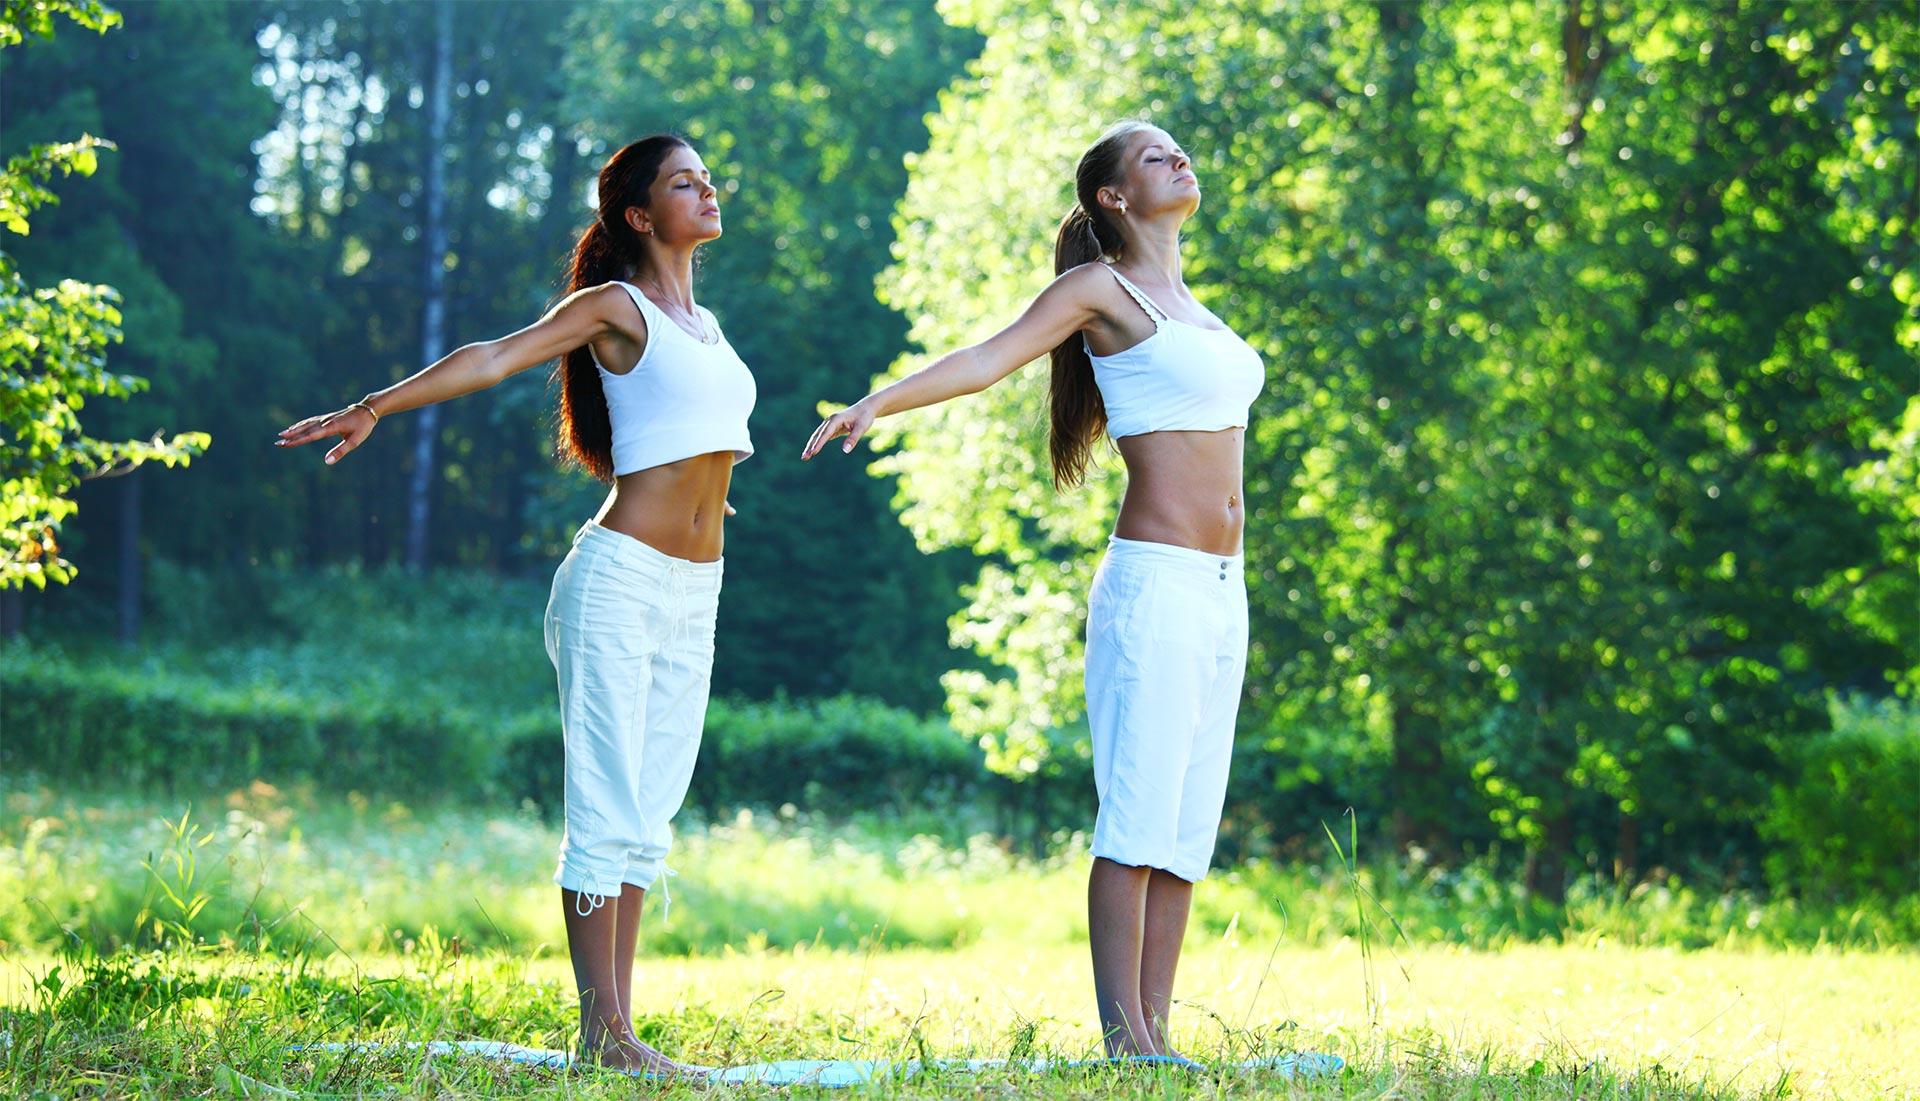 Hoe een slechte ademhaling tal van lichaamsprocessen kan verstoren